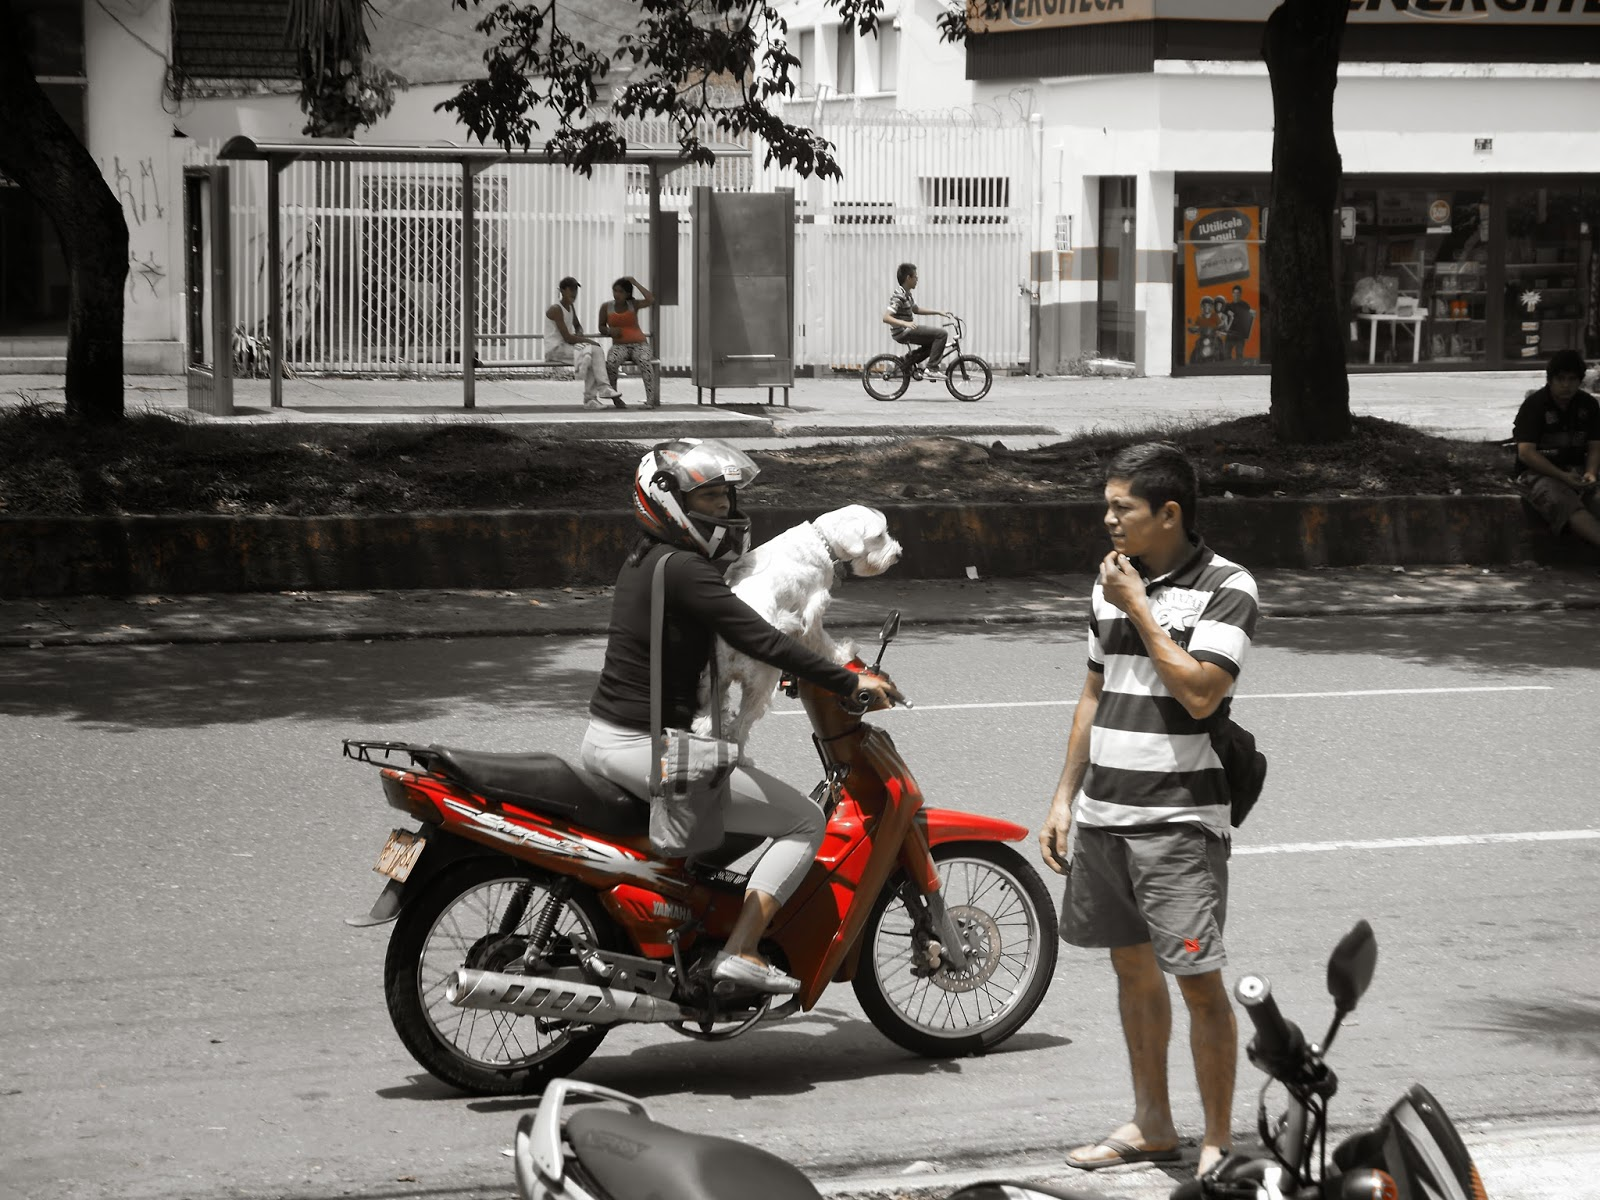 Perro y Moto Ibague